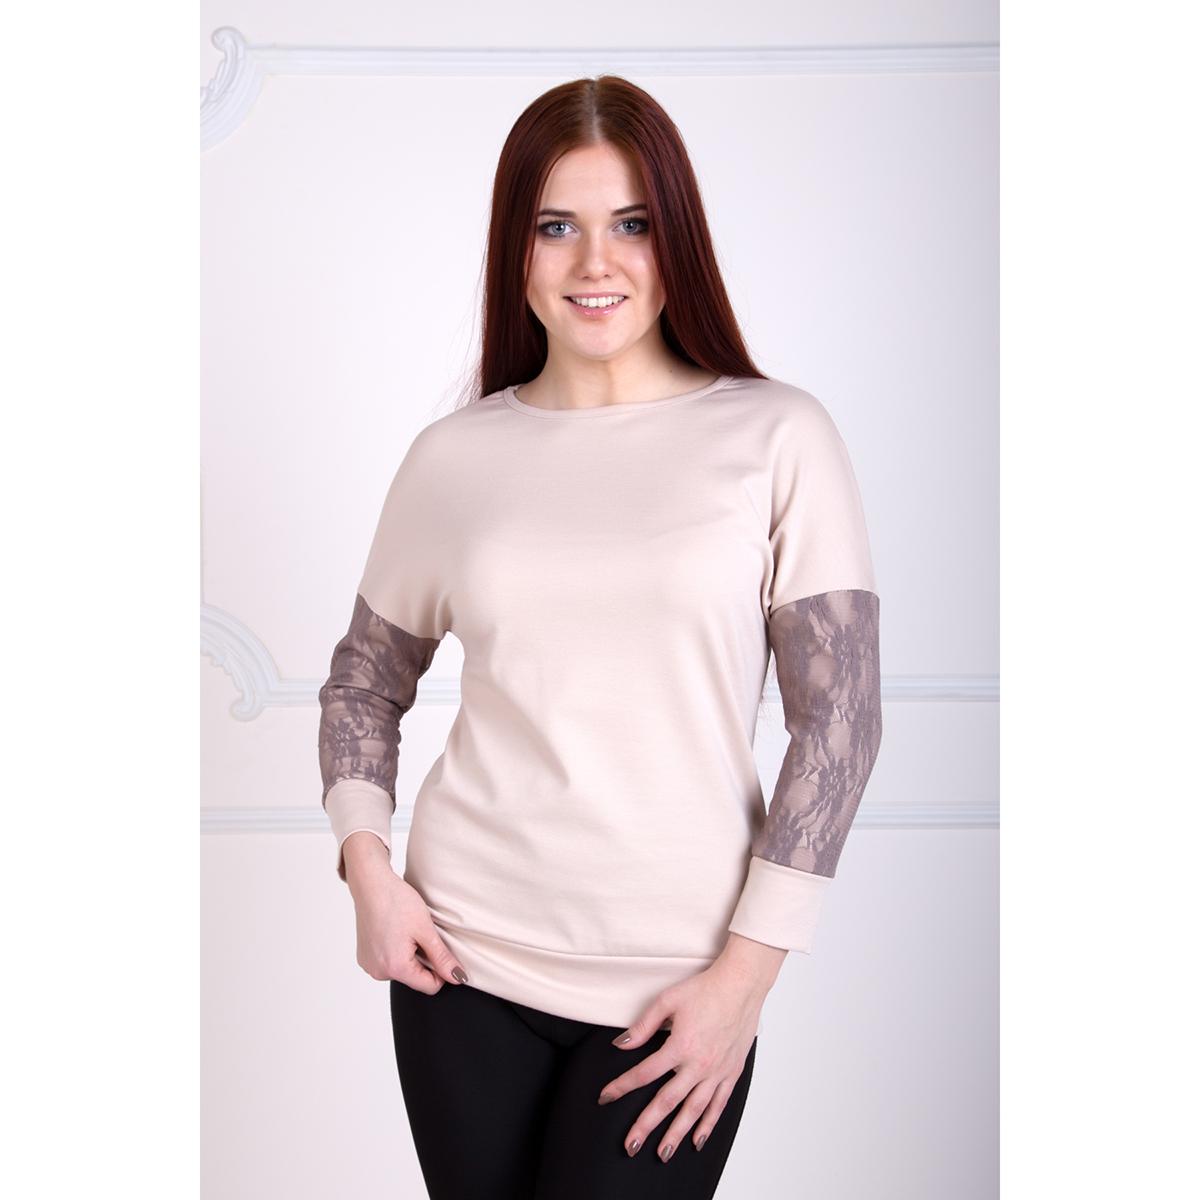 Женская блуза Лиана, размер 44Блузы<br>Обхват груди: 88 см <br>Обхват талии: 68 см <br>Обхват бедер: 96 см <br>Рост: 167 см<br><br>Тип: Жен. блуза<br>Размер: 44<br>Материал: Милано